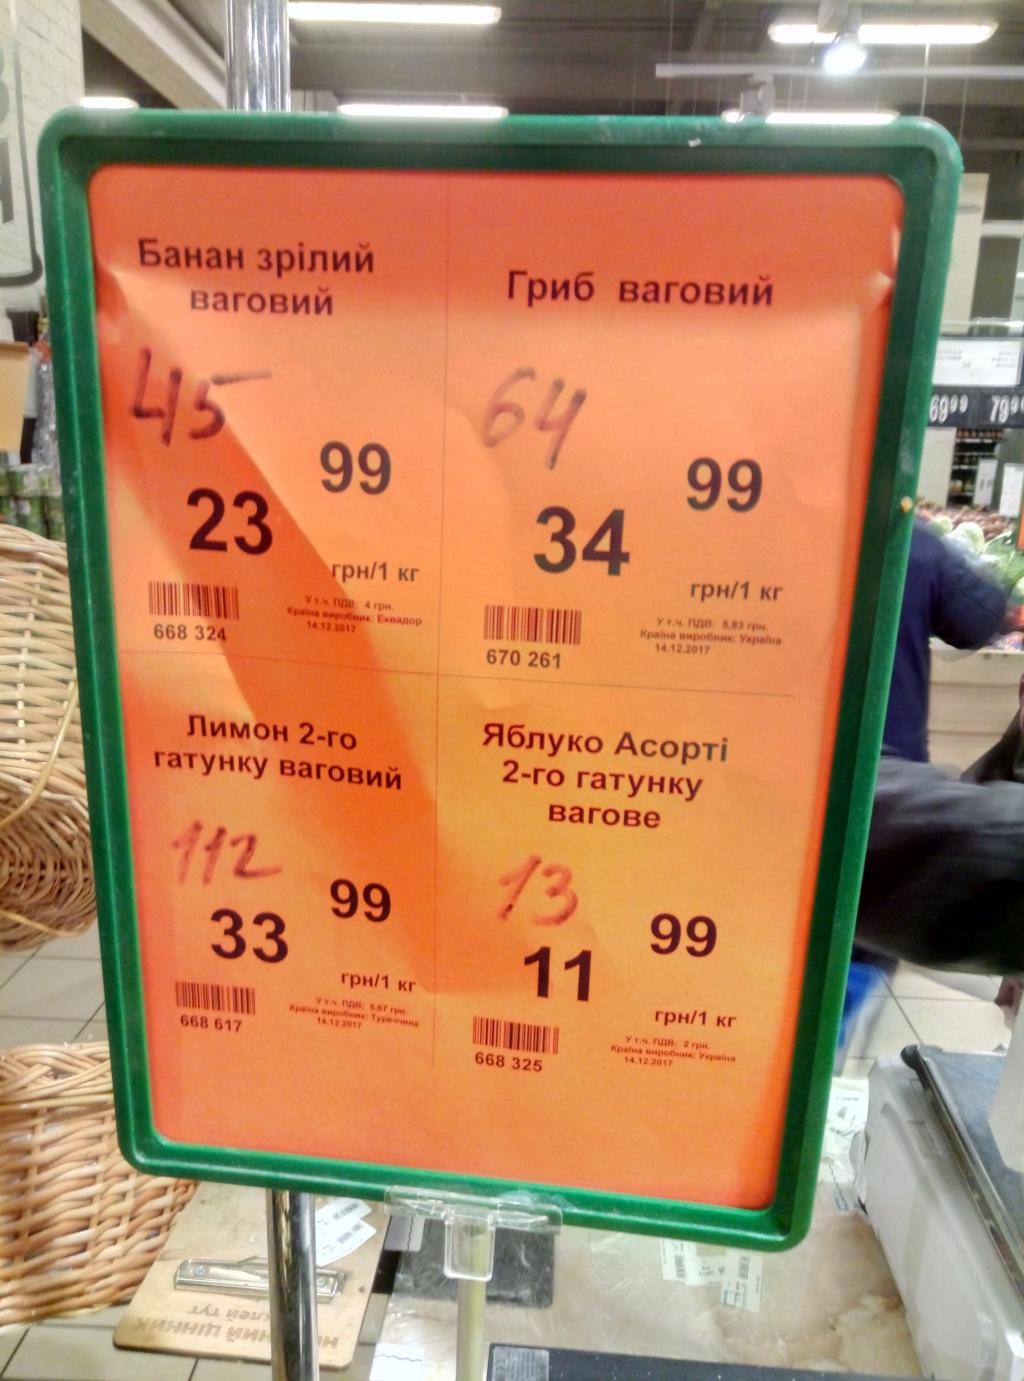 Эко - маркет - Твоя смерть на прилавке по цене 34.99